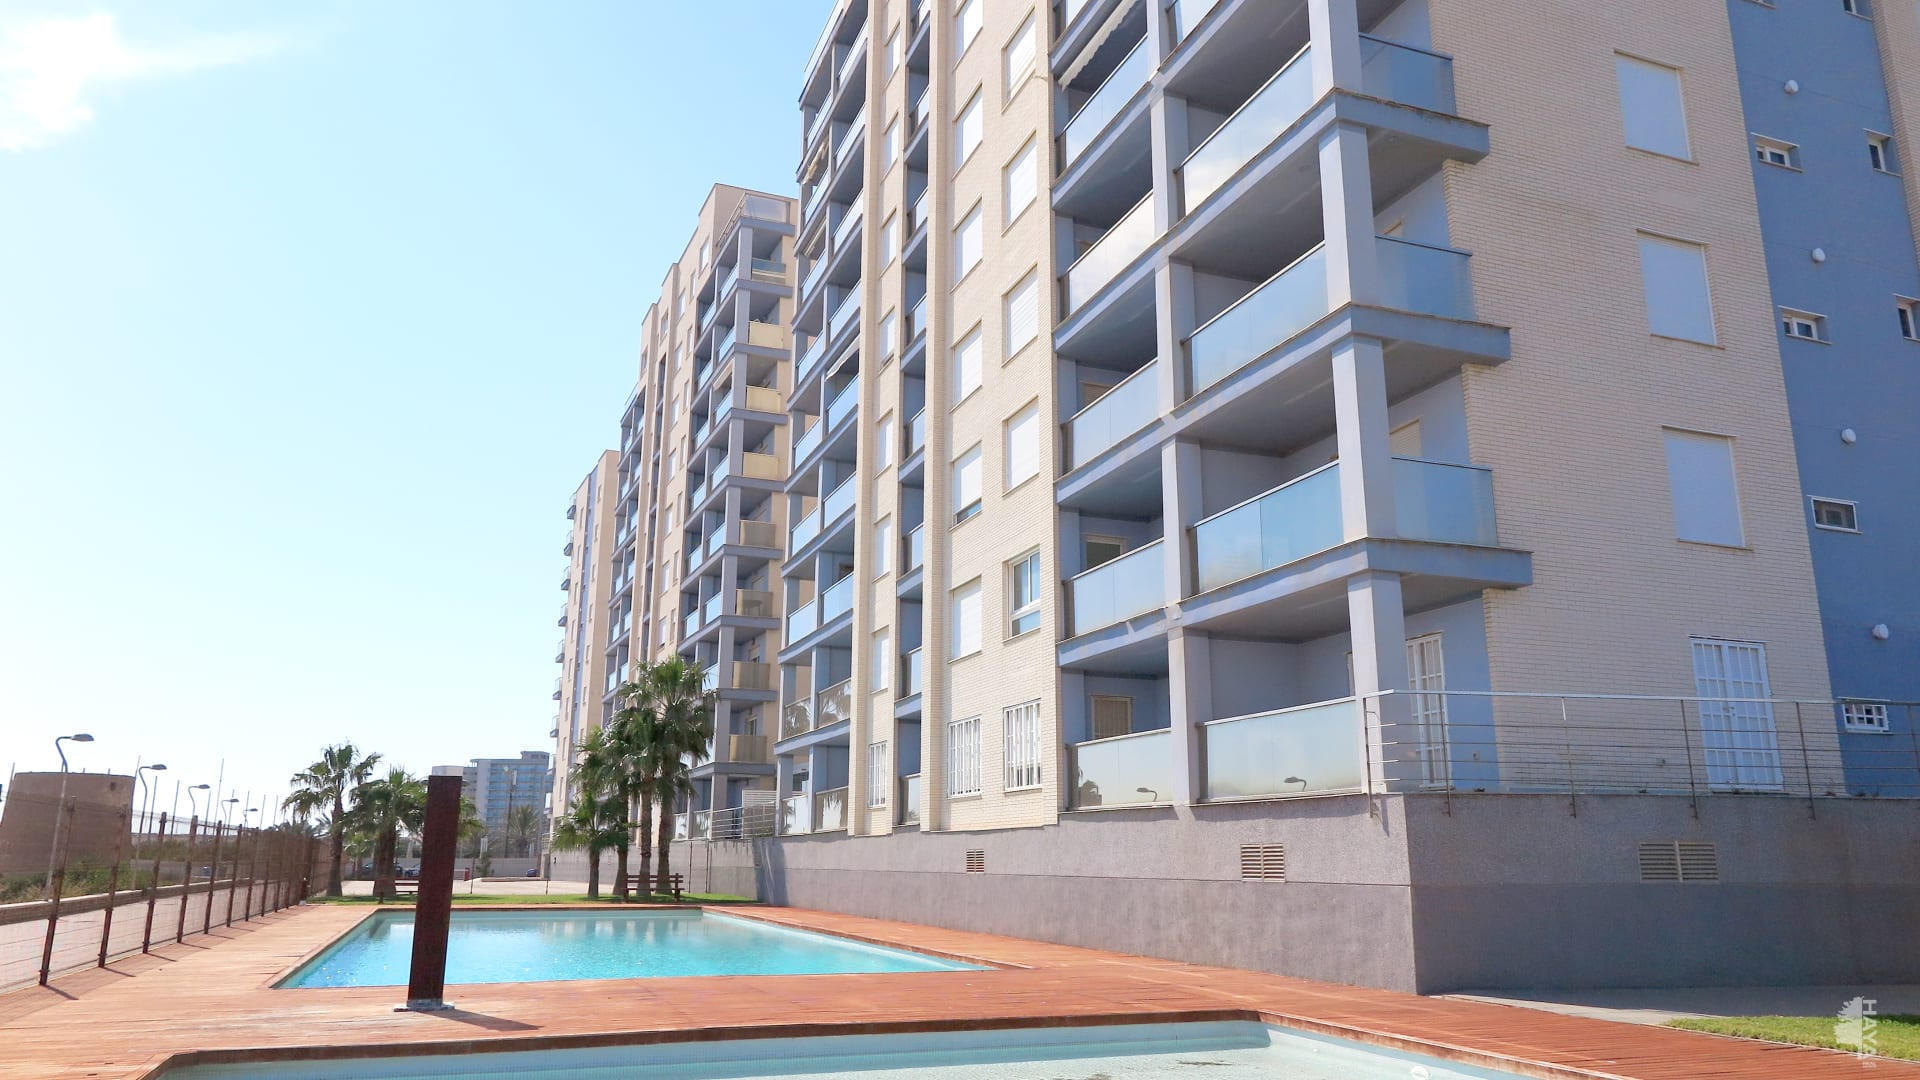 Piso en venta en San Javier, Murcia, Calle Prolongación Pol F. Conj Resid. Veneziola Golf Ii, 119.000 €, 3 habitaciones, 2 baños, 60 m2